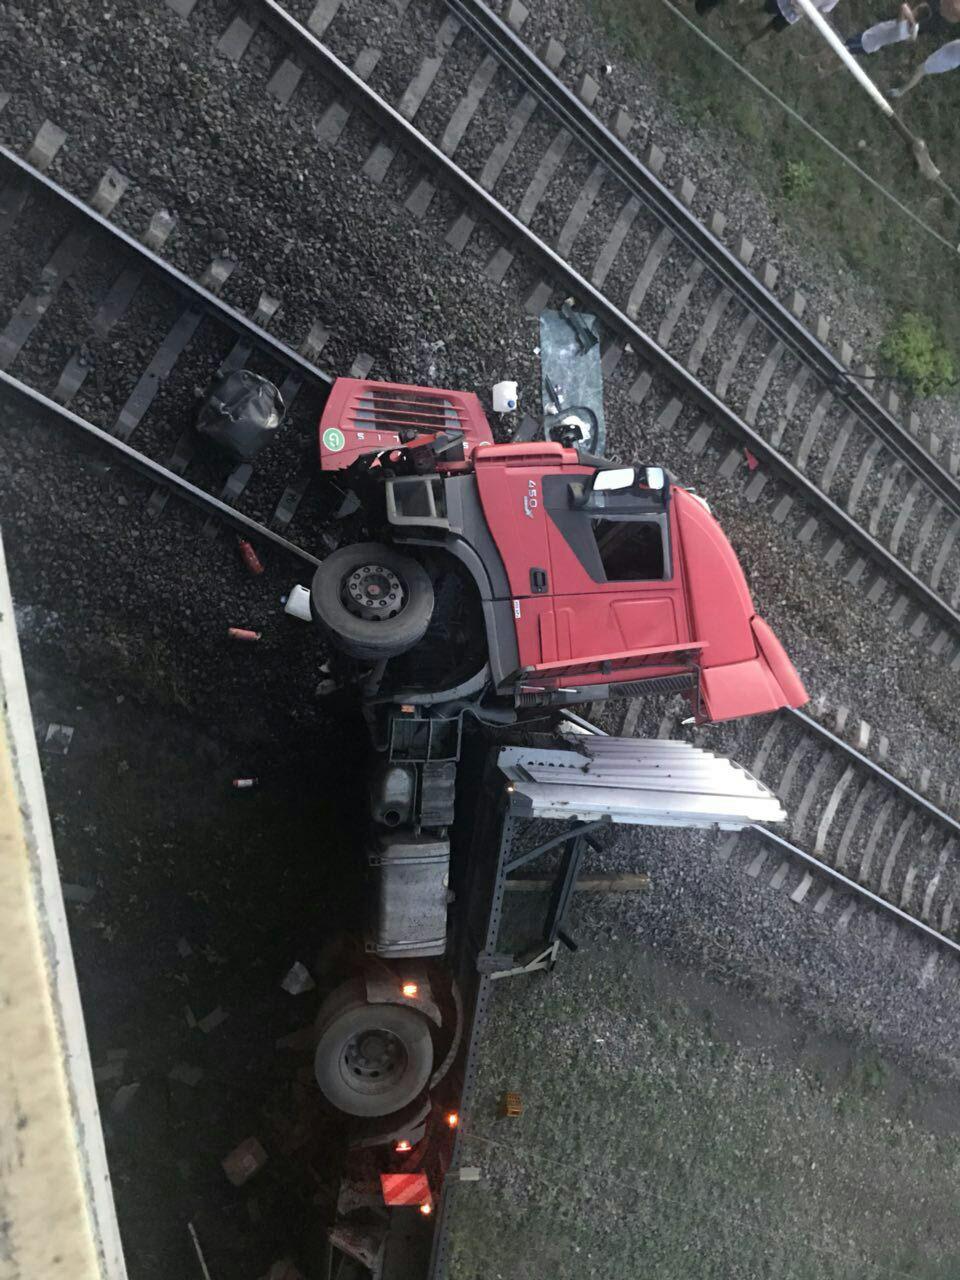 «Водитель грузовика был пьян»: полиция Днепропетровщины выясняет причины аварии, в которой грузовик упал с моста, - ФОТО, фото-2